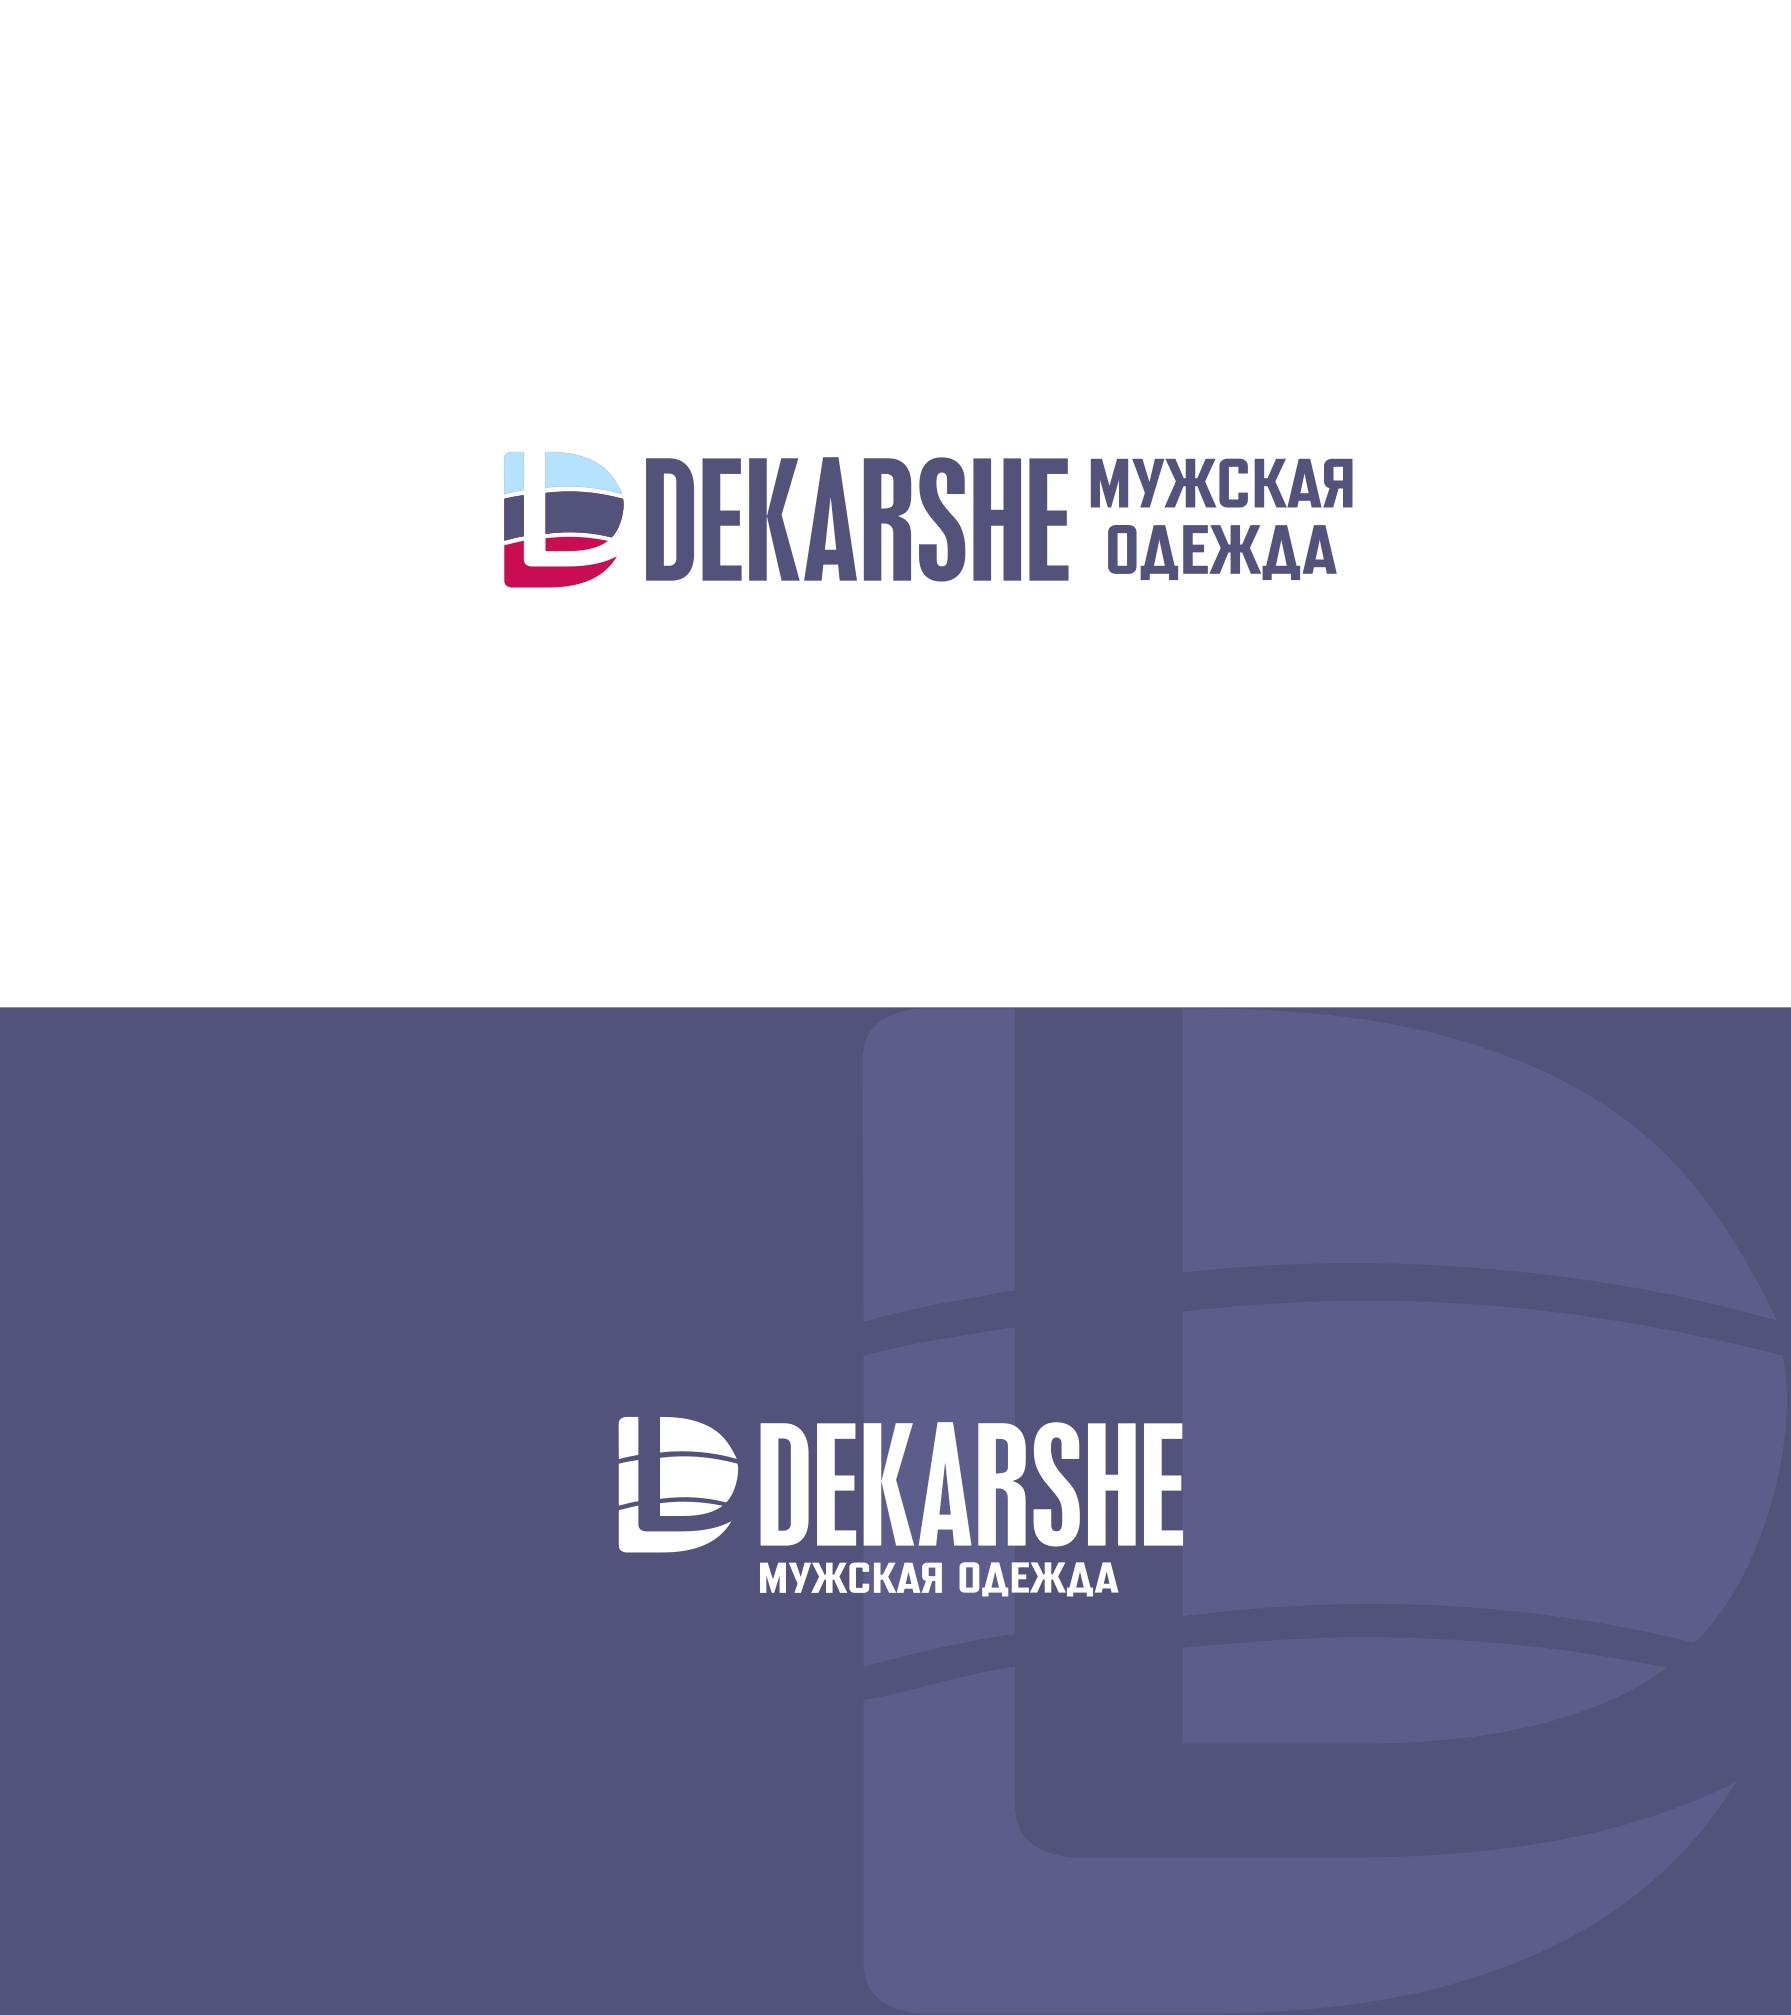 Разработать дизайн ИКОНКИ для логотипа для сети магазинов мужской одежды. фото f_6745e1dffcb8d1f7.png